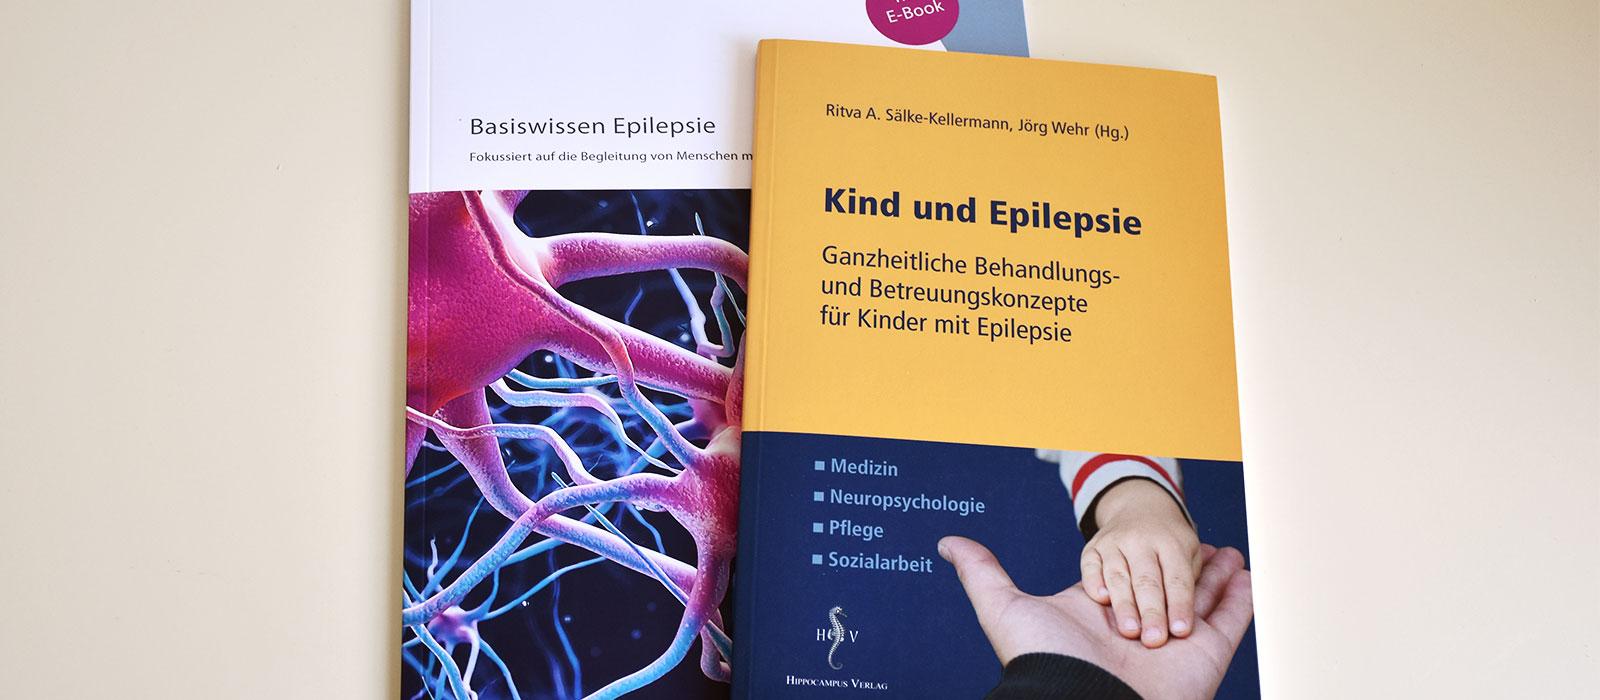 Bild von swissepi.ch